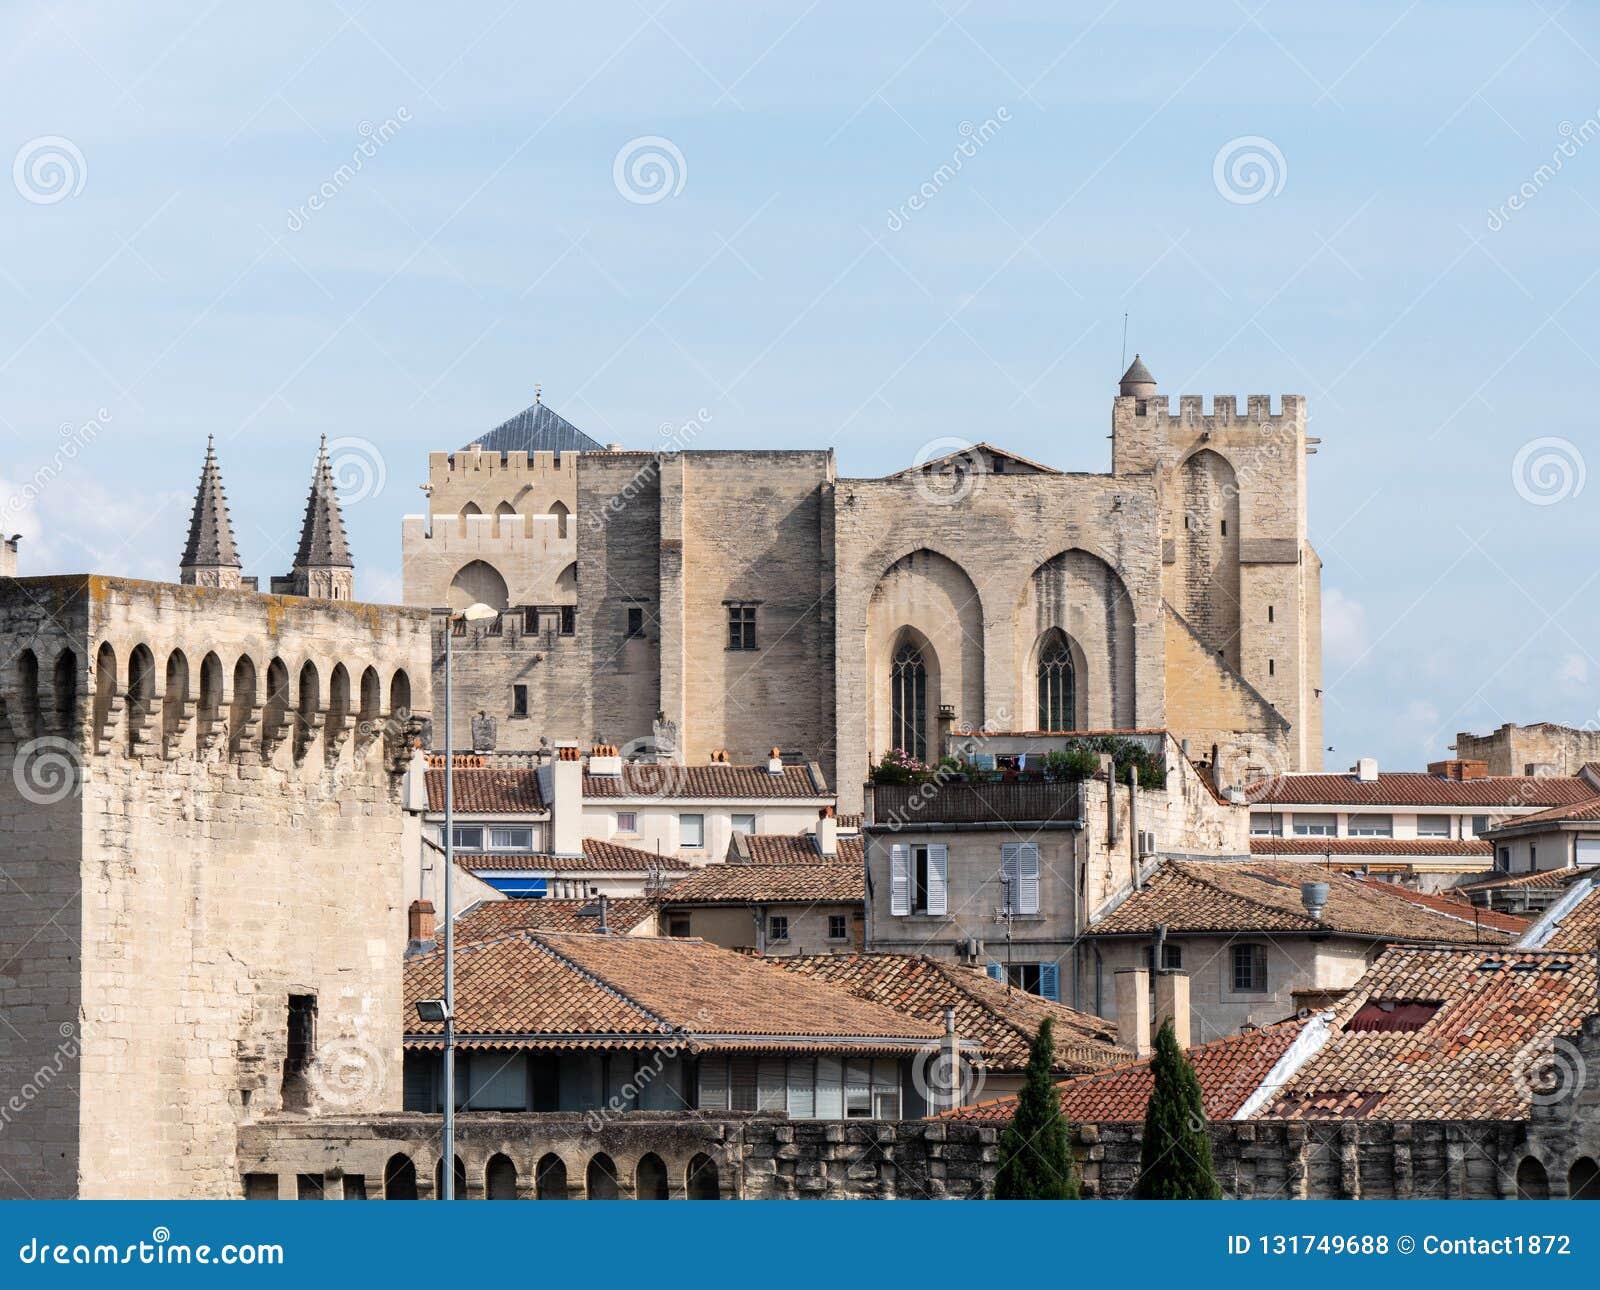 Le palais papal est un palais historique situé à Avignon, France du sud